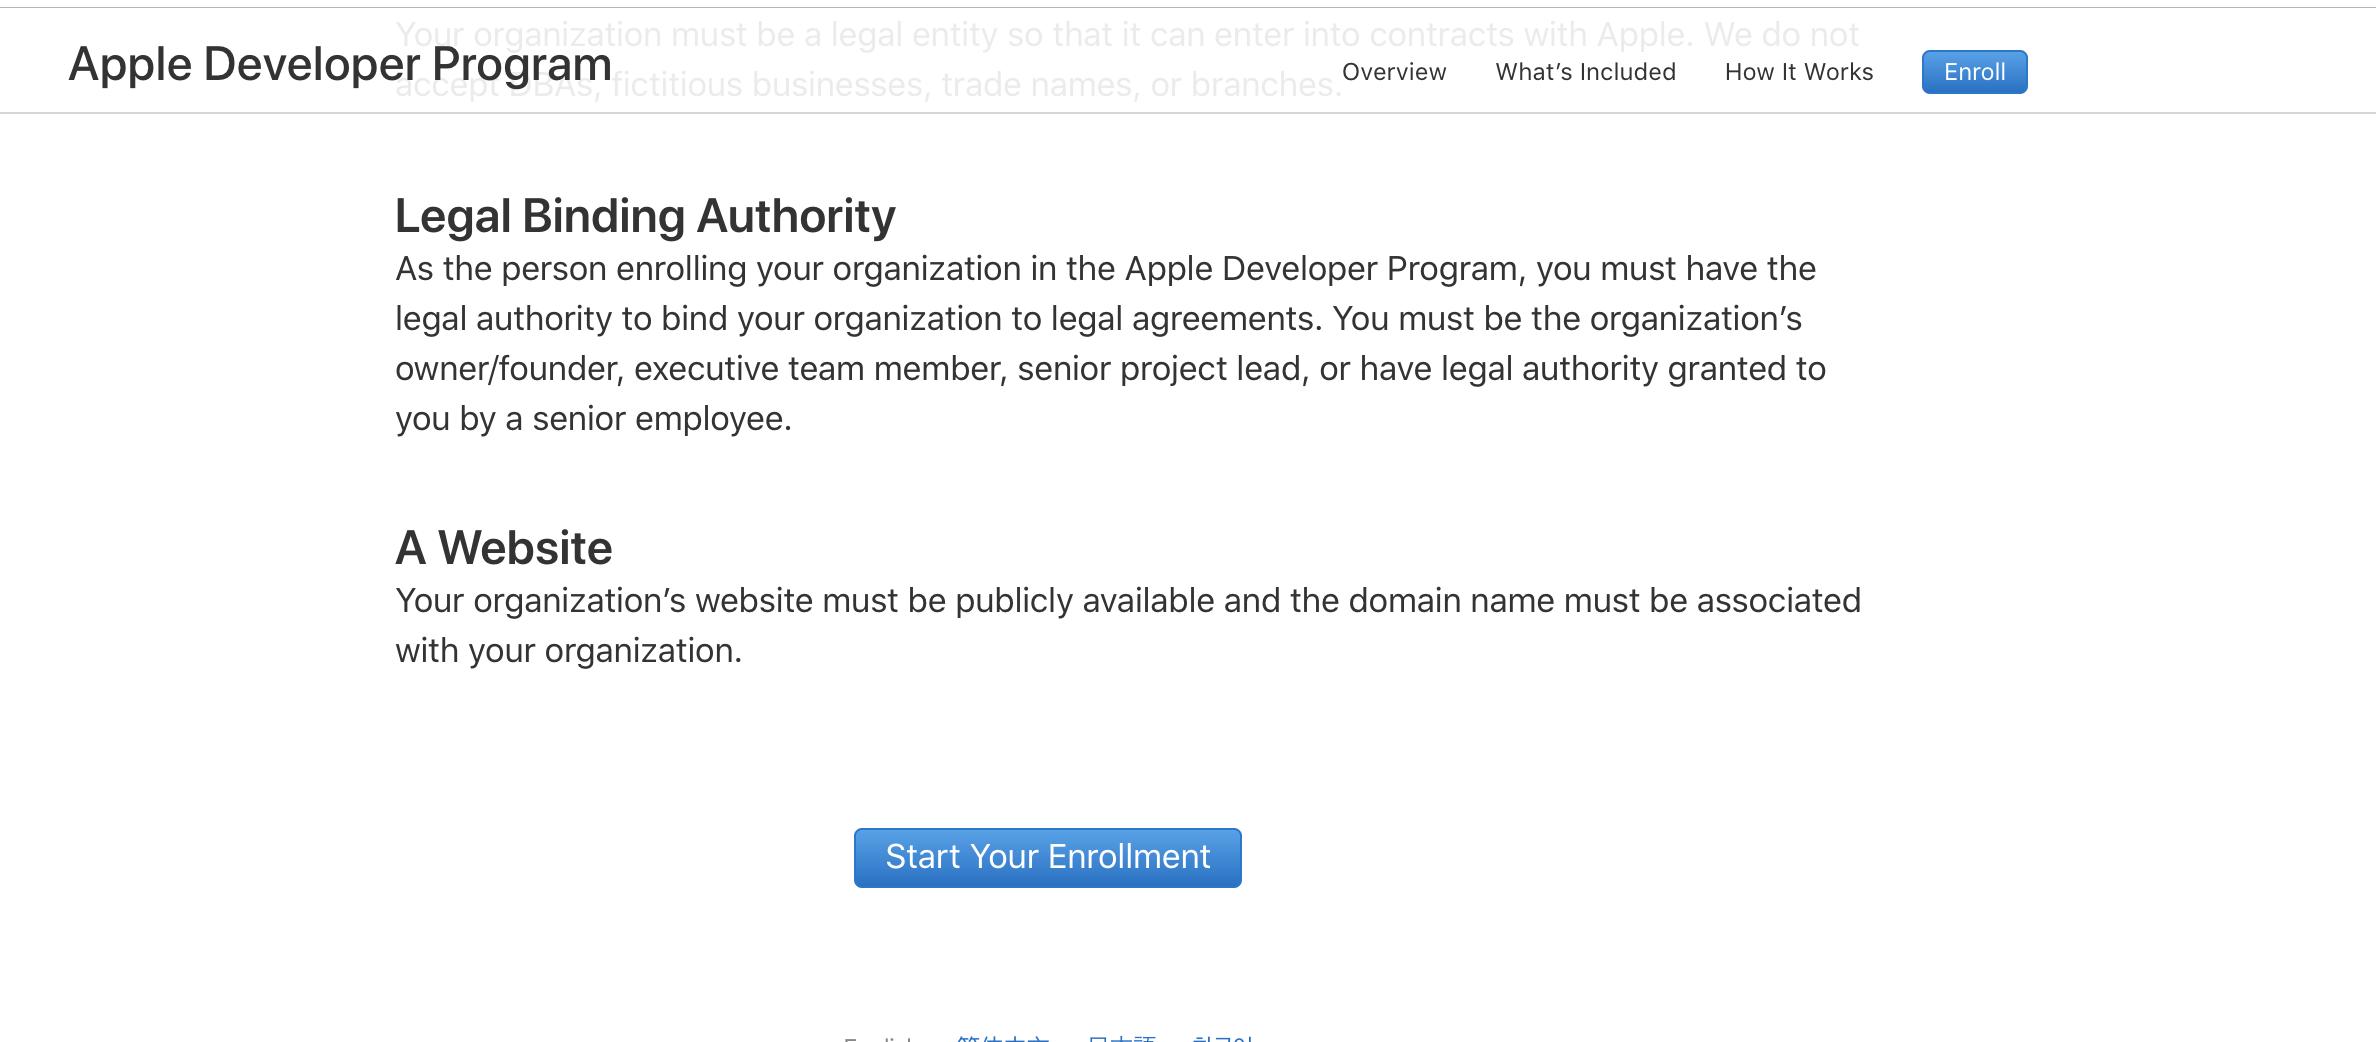 Before_You_Enroll_-_Apple_Developer_Program_-_Apple_Developer_2018-12-14_11-37-49.png